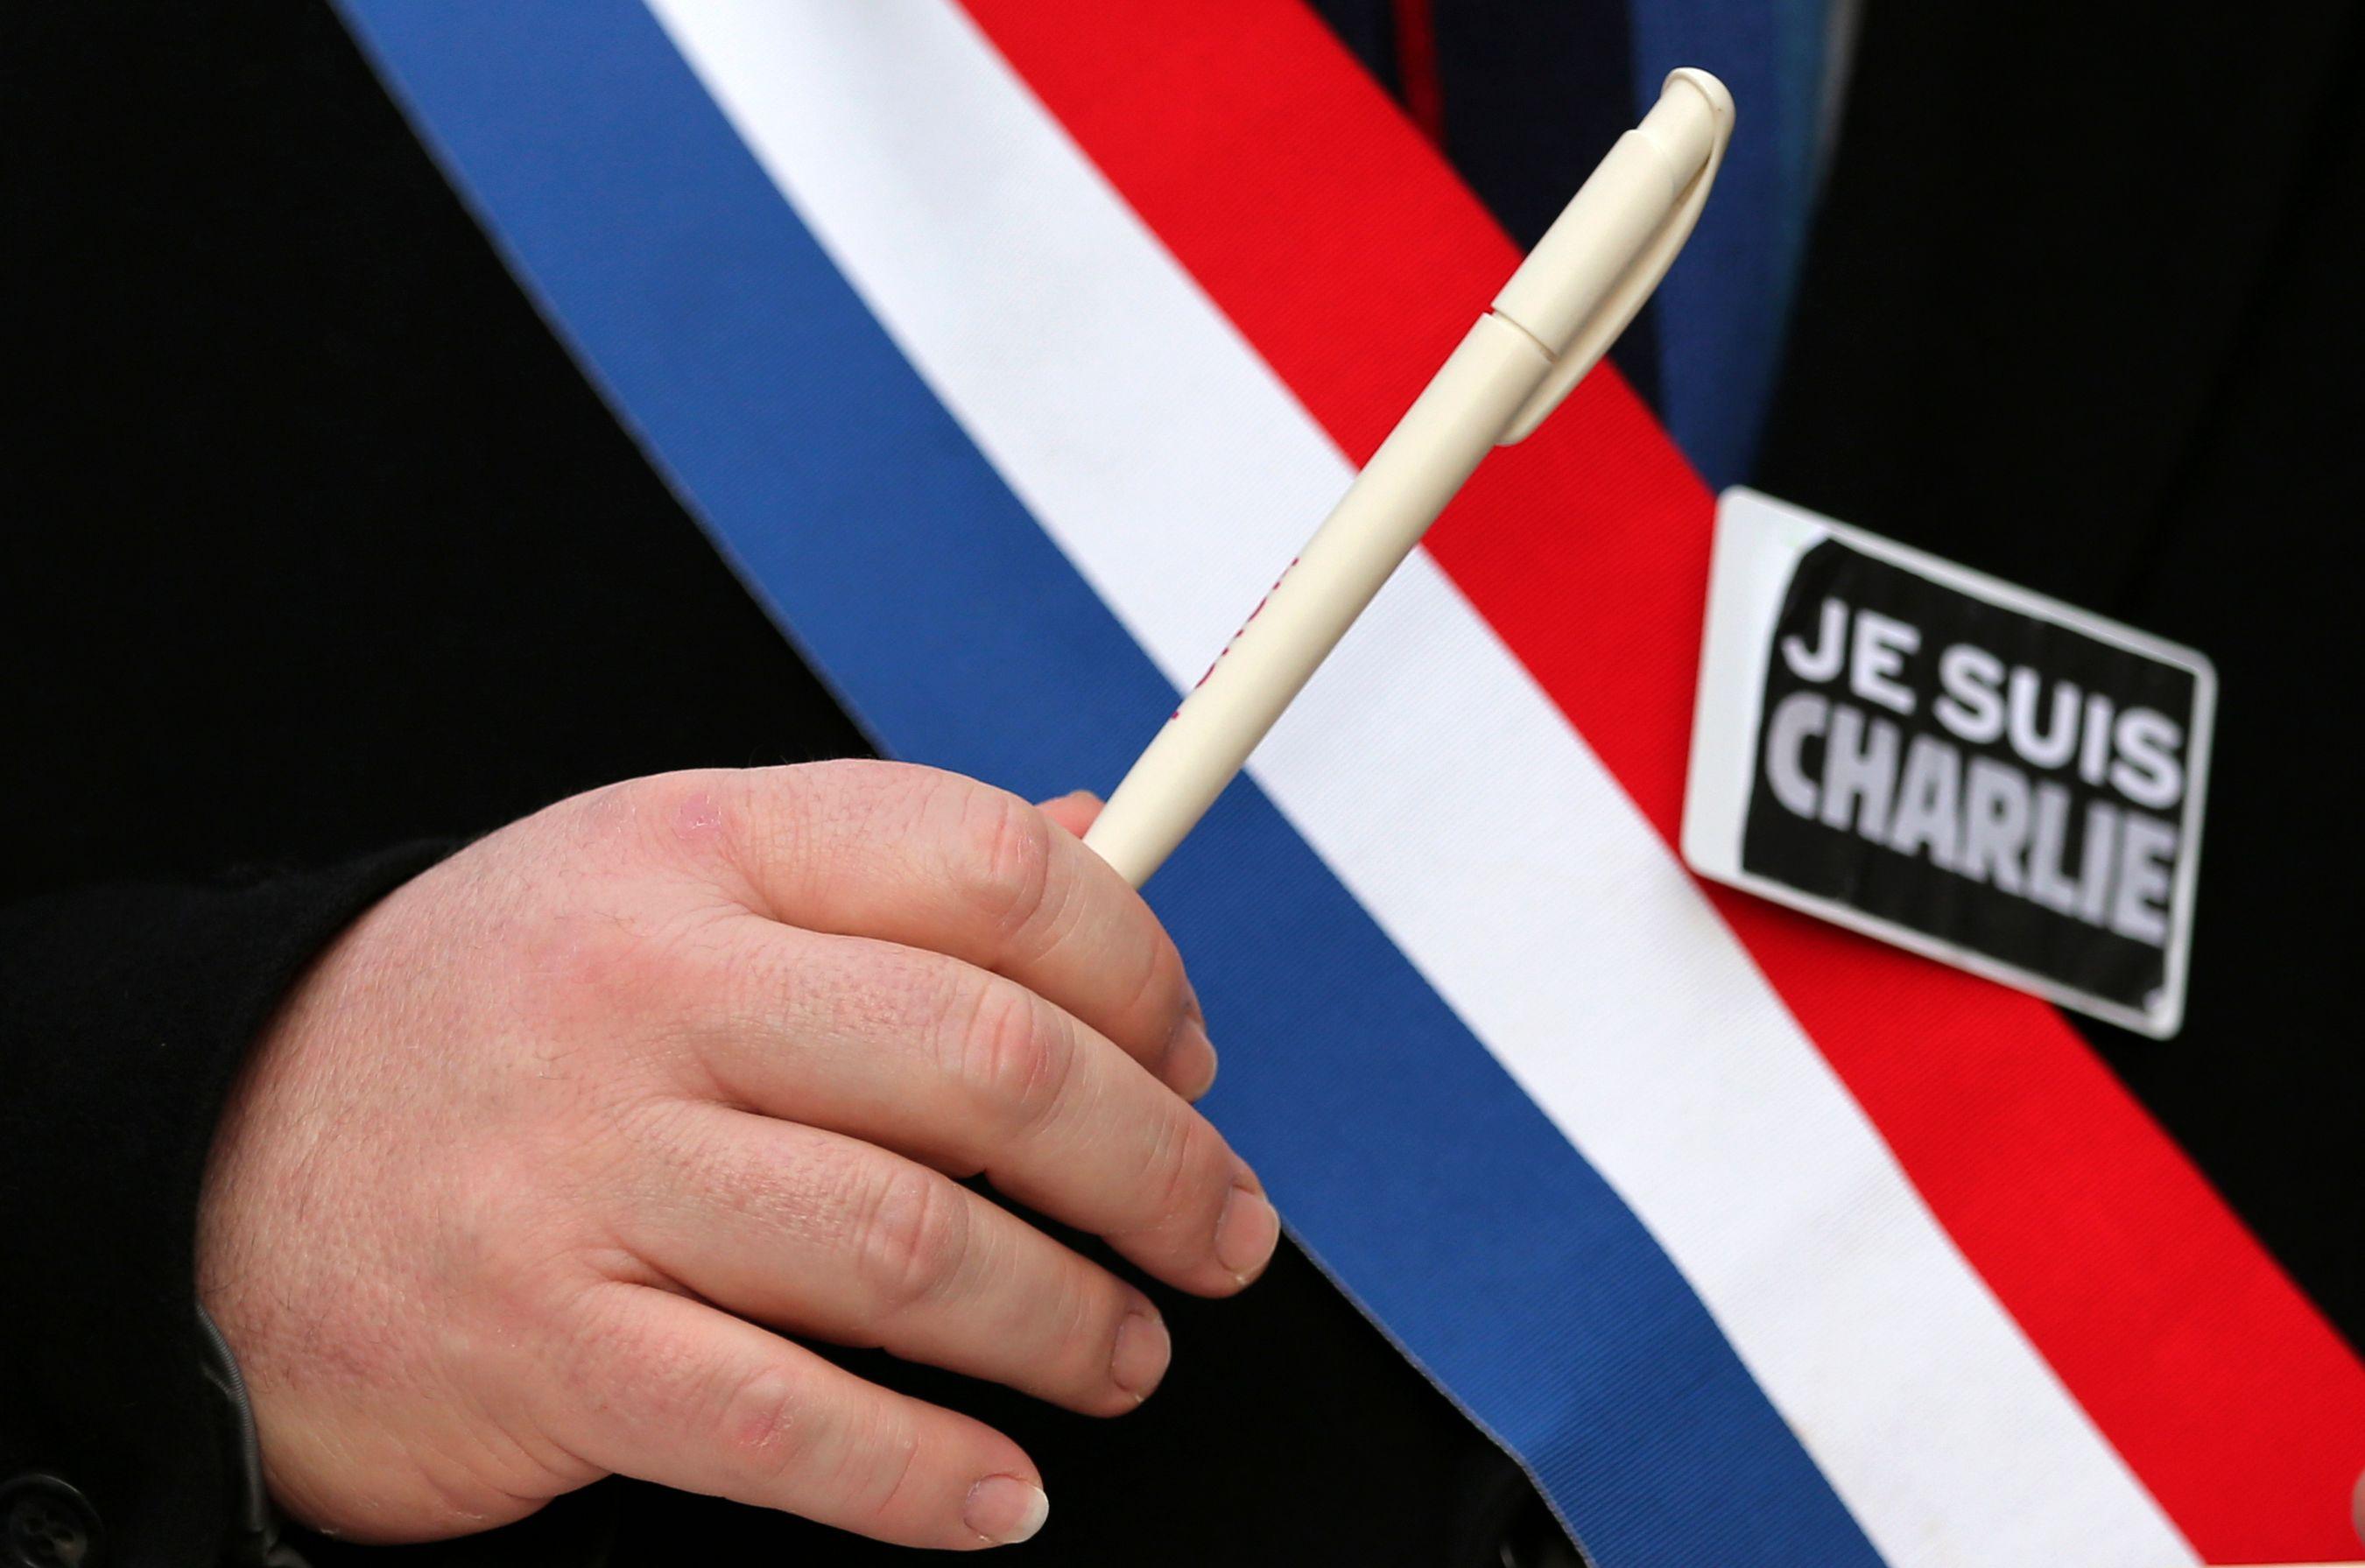 Les 10 défis essentiels auxquels la France n'a absolument pas su répondre suite aux attentats.